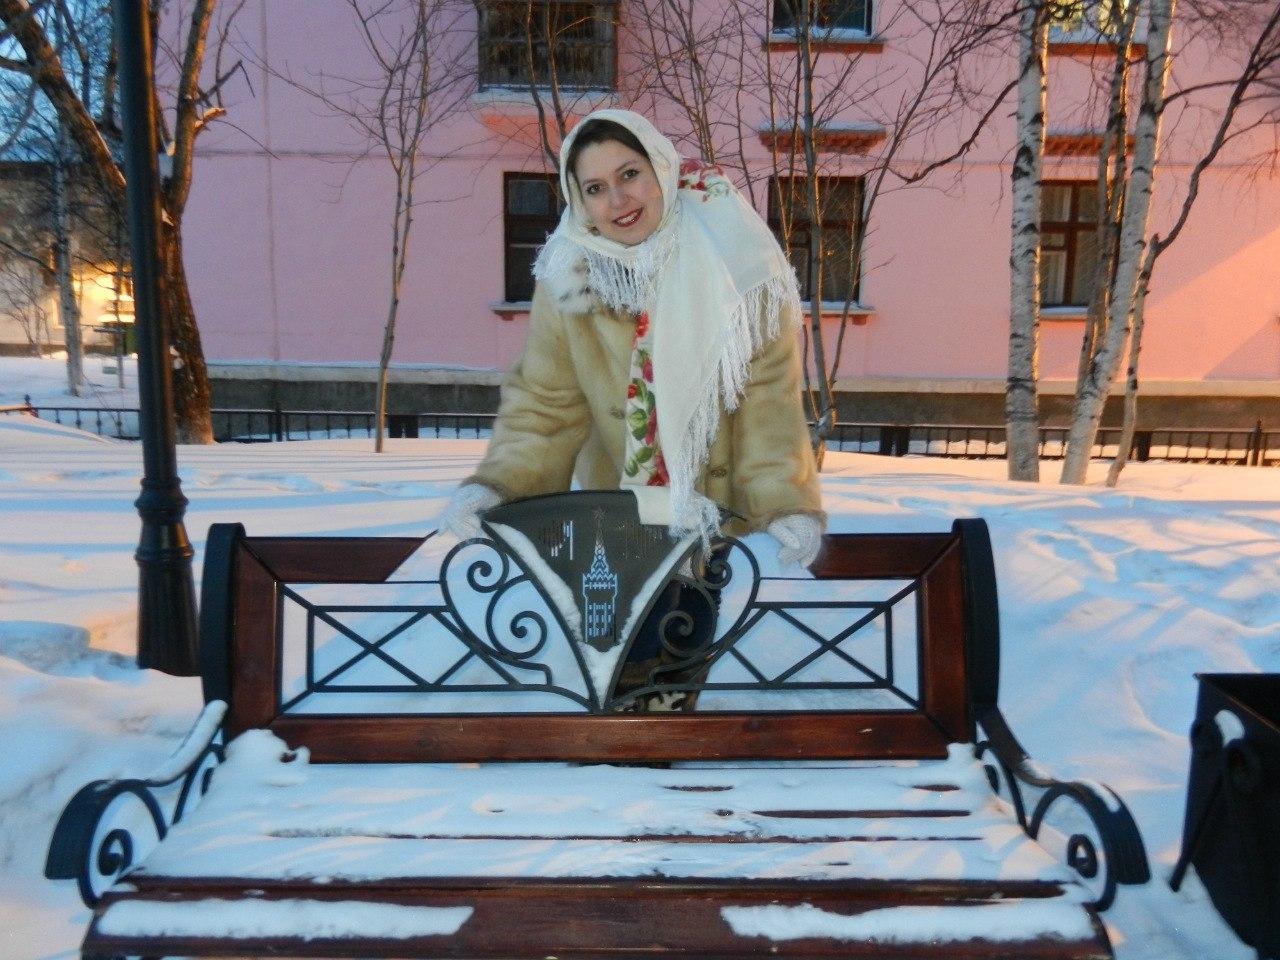 Онкобольной рукодельнице из Инты Елене Головачёвой срочно нужны средства на медикаменты